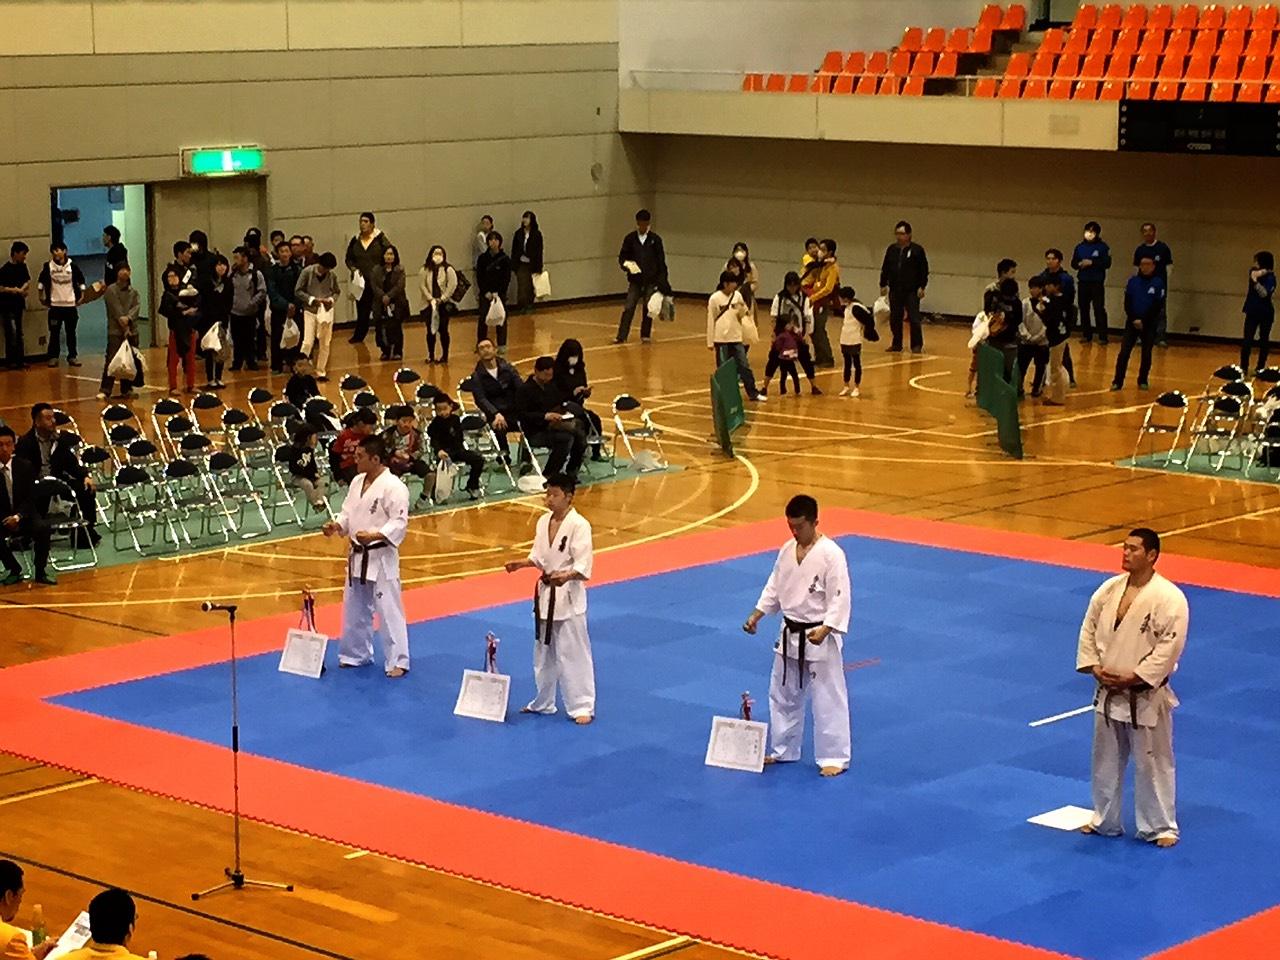 http://www.kyokushin-chibaminami.com/images/1428068285463.jpg